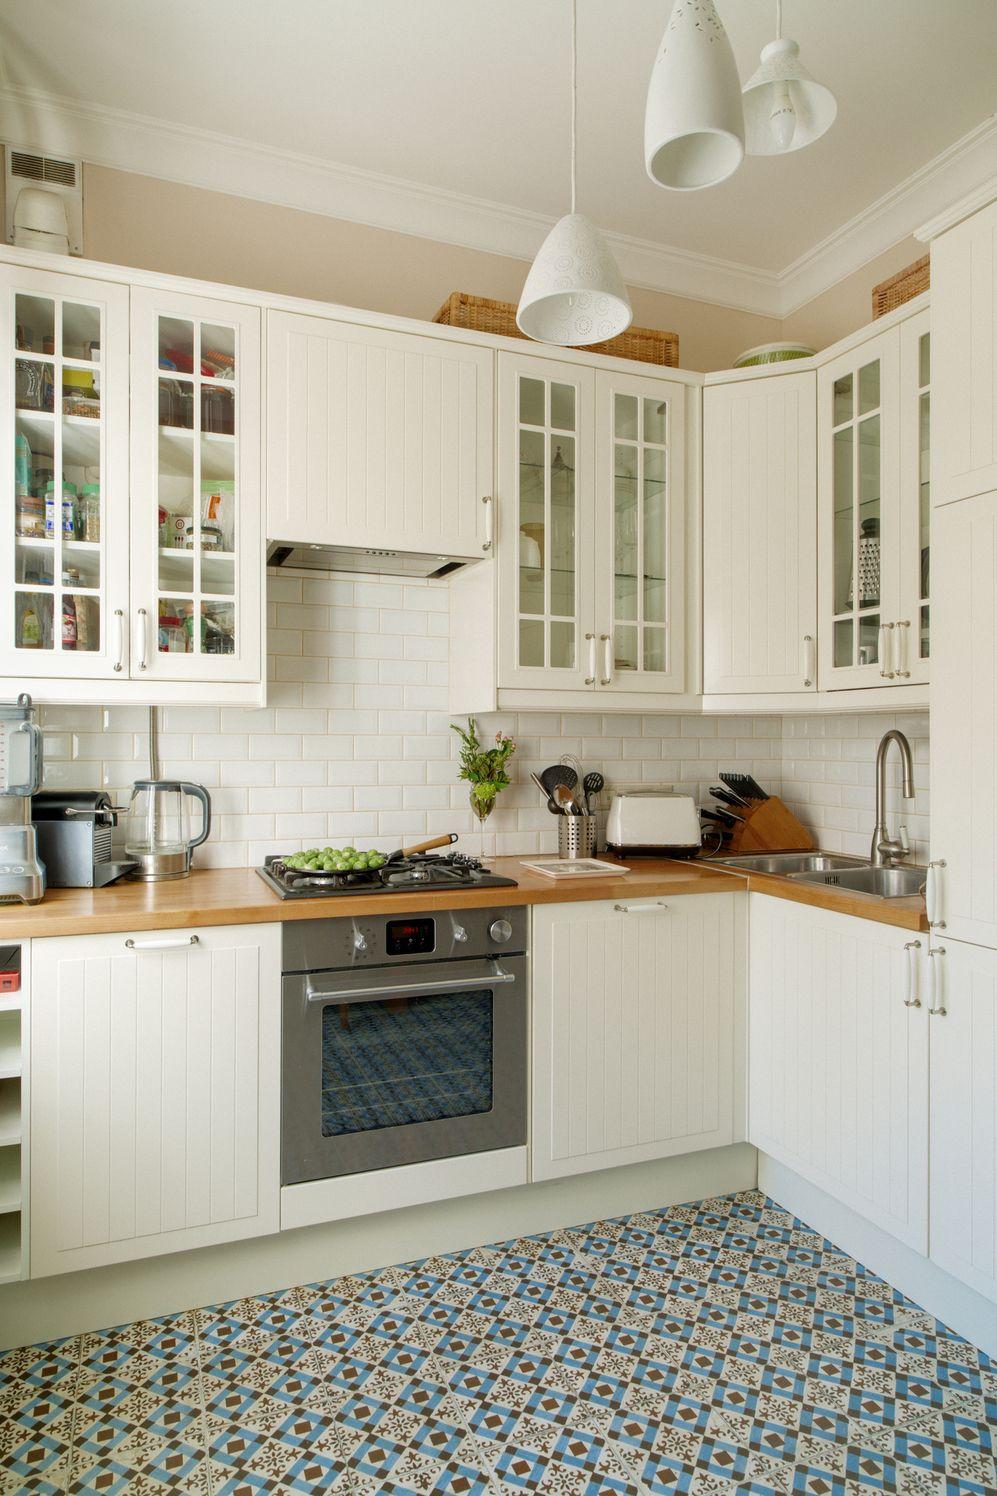 Ikea Küche, Küchen Ideen, Haus, Kleine Küchen, Weiße Küchen, Traumküchen,  Kücheneinrichtung, Wohnung Küche, Küchen Design